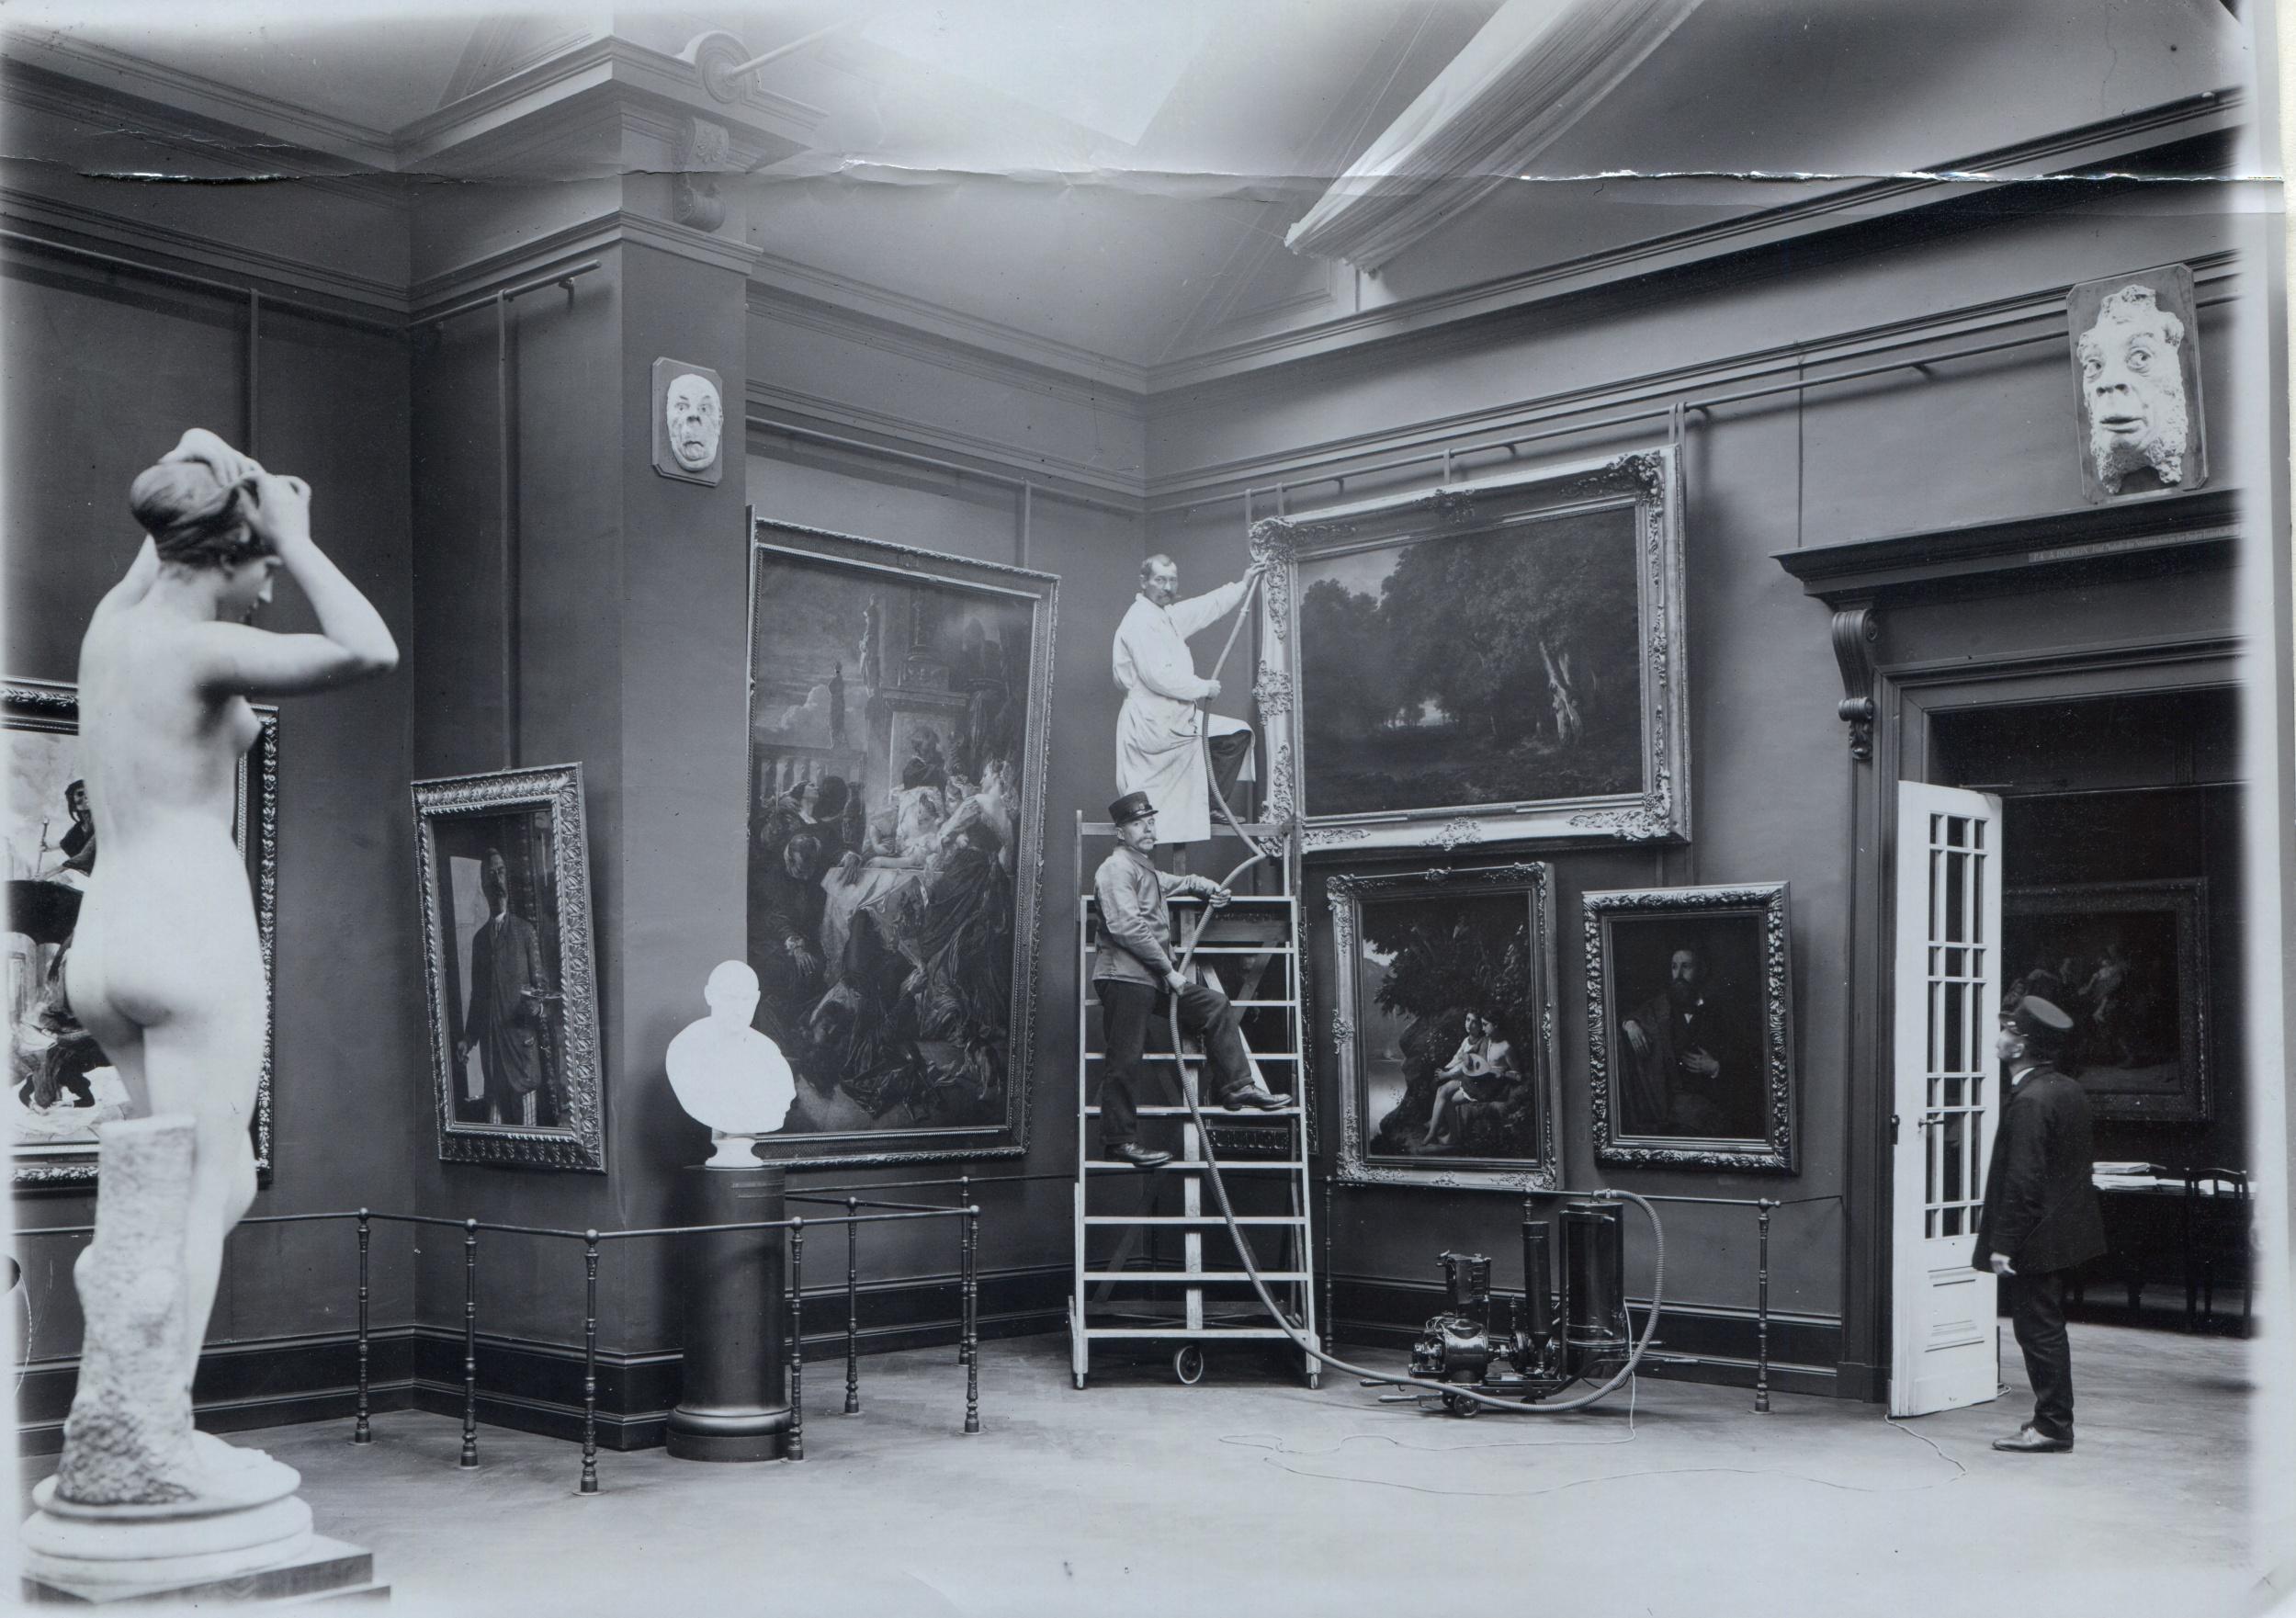 Blick in den Böcklin-Saal im Museum an der Augustinergasse im Jahr 1912.